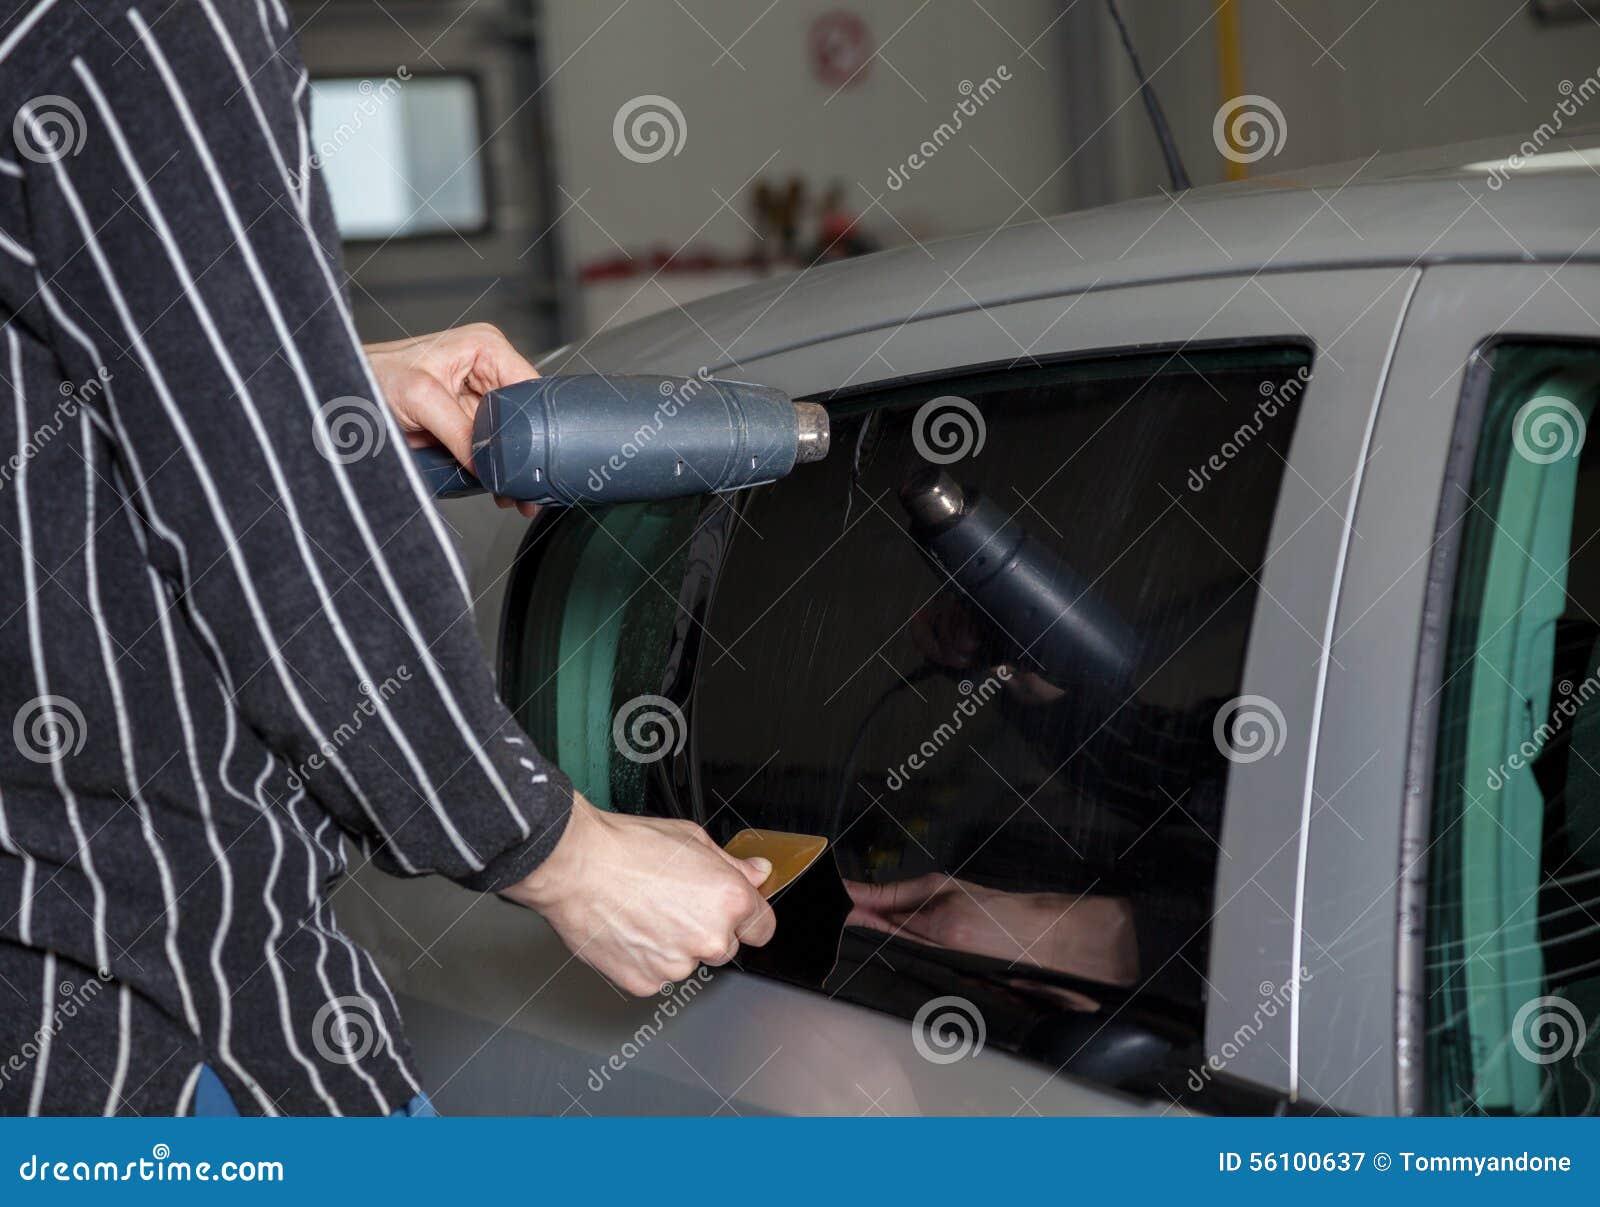 Applicera tona folie på ett bilfönster